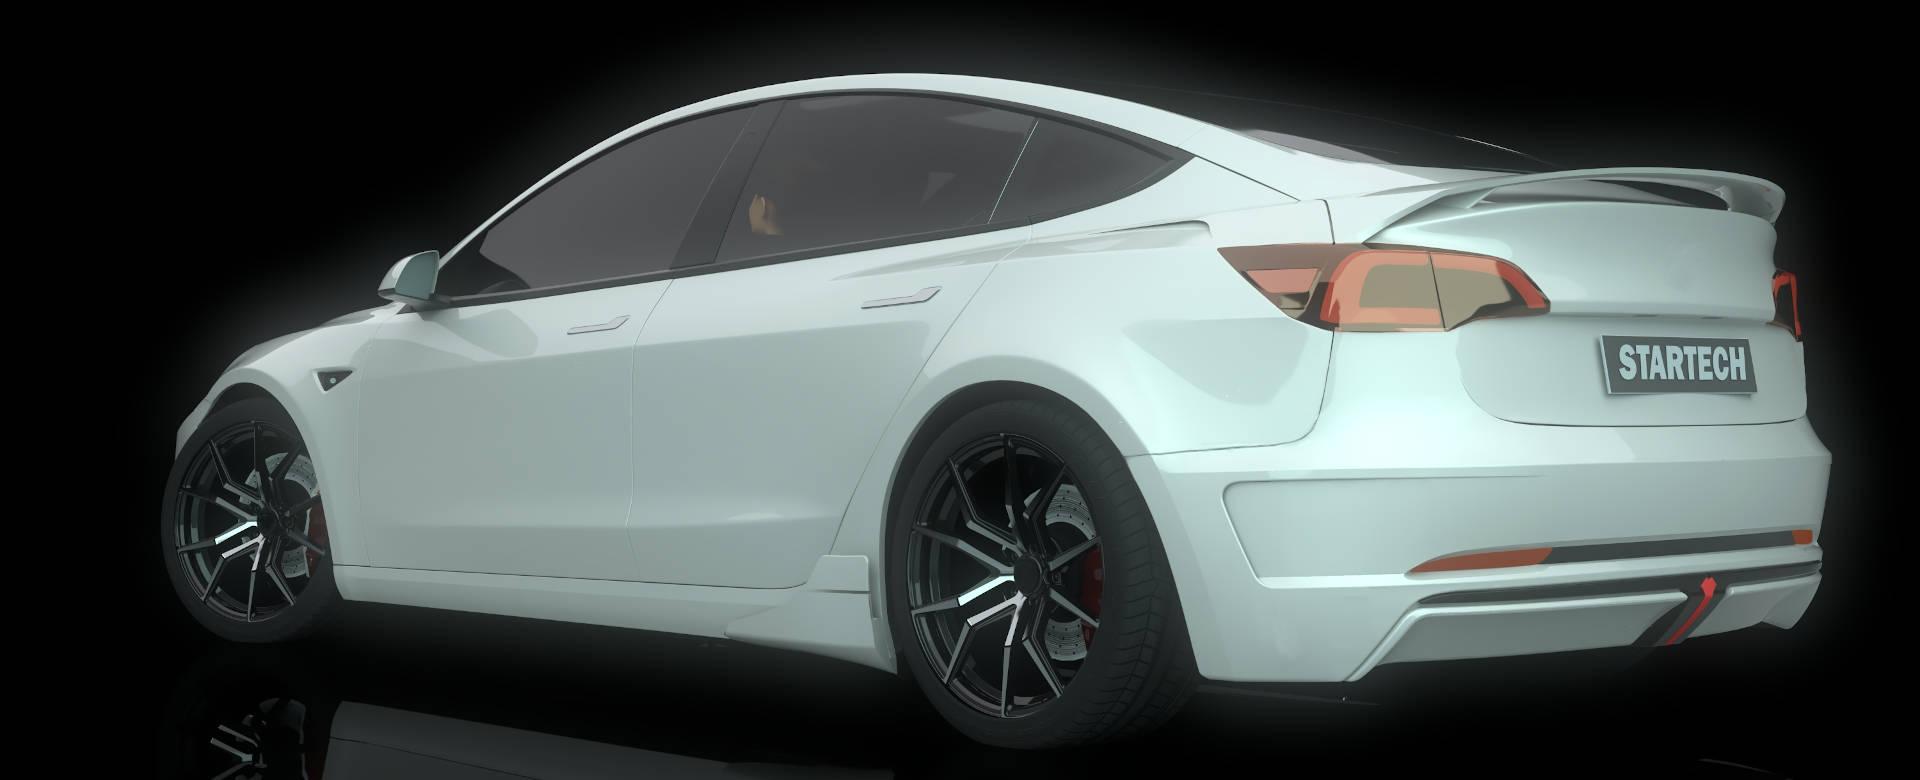 Tesla-Model-3-by-Startech-16-19